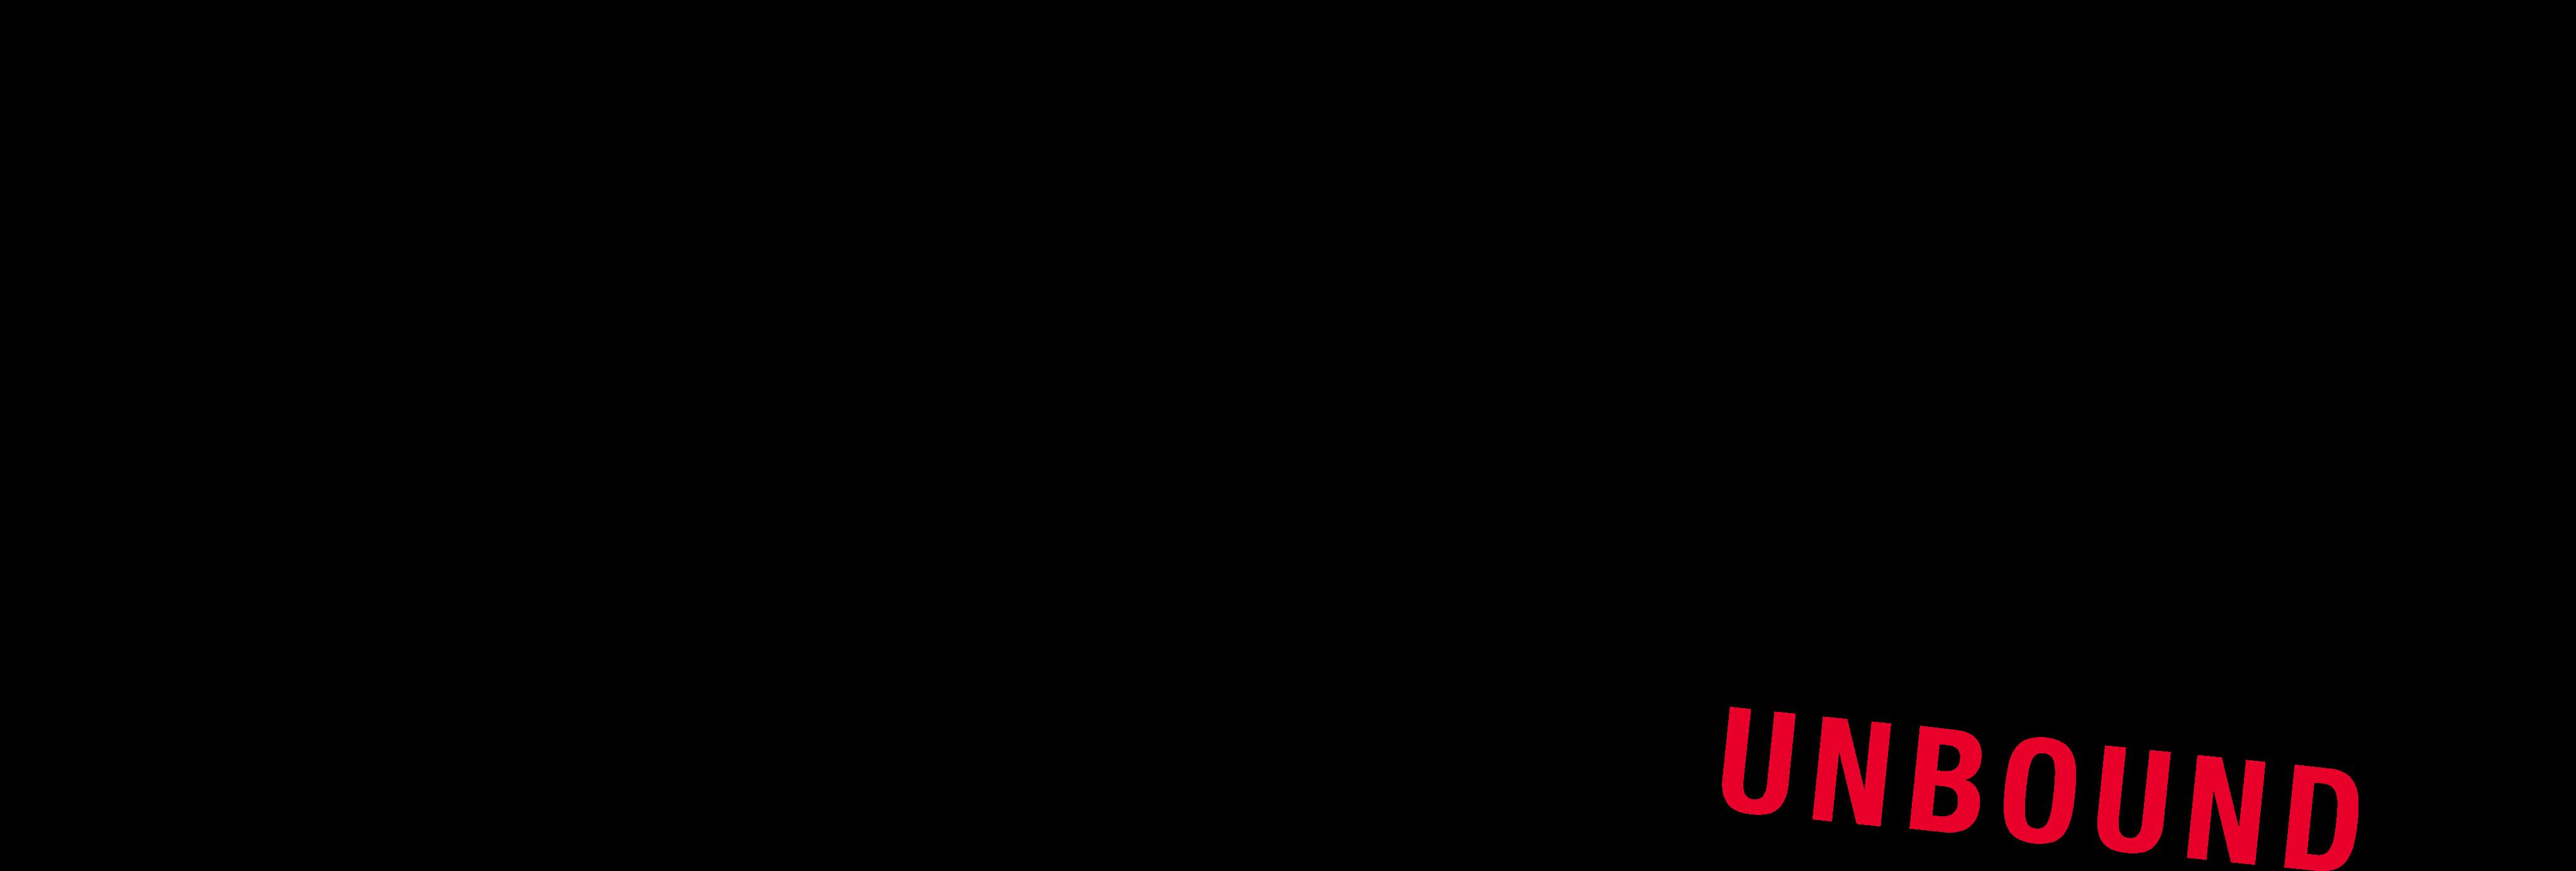 sabian logo 6 - Sabian Logo